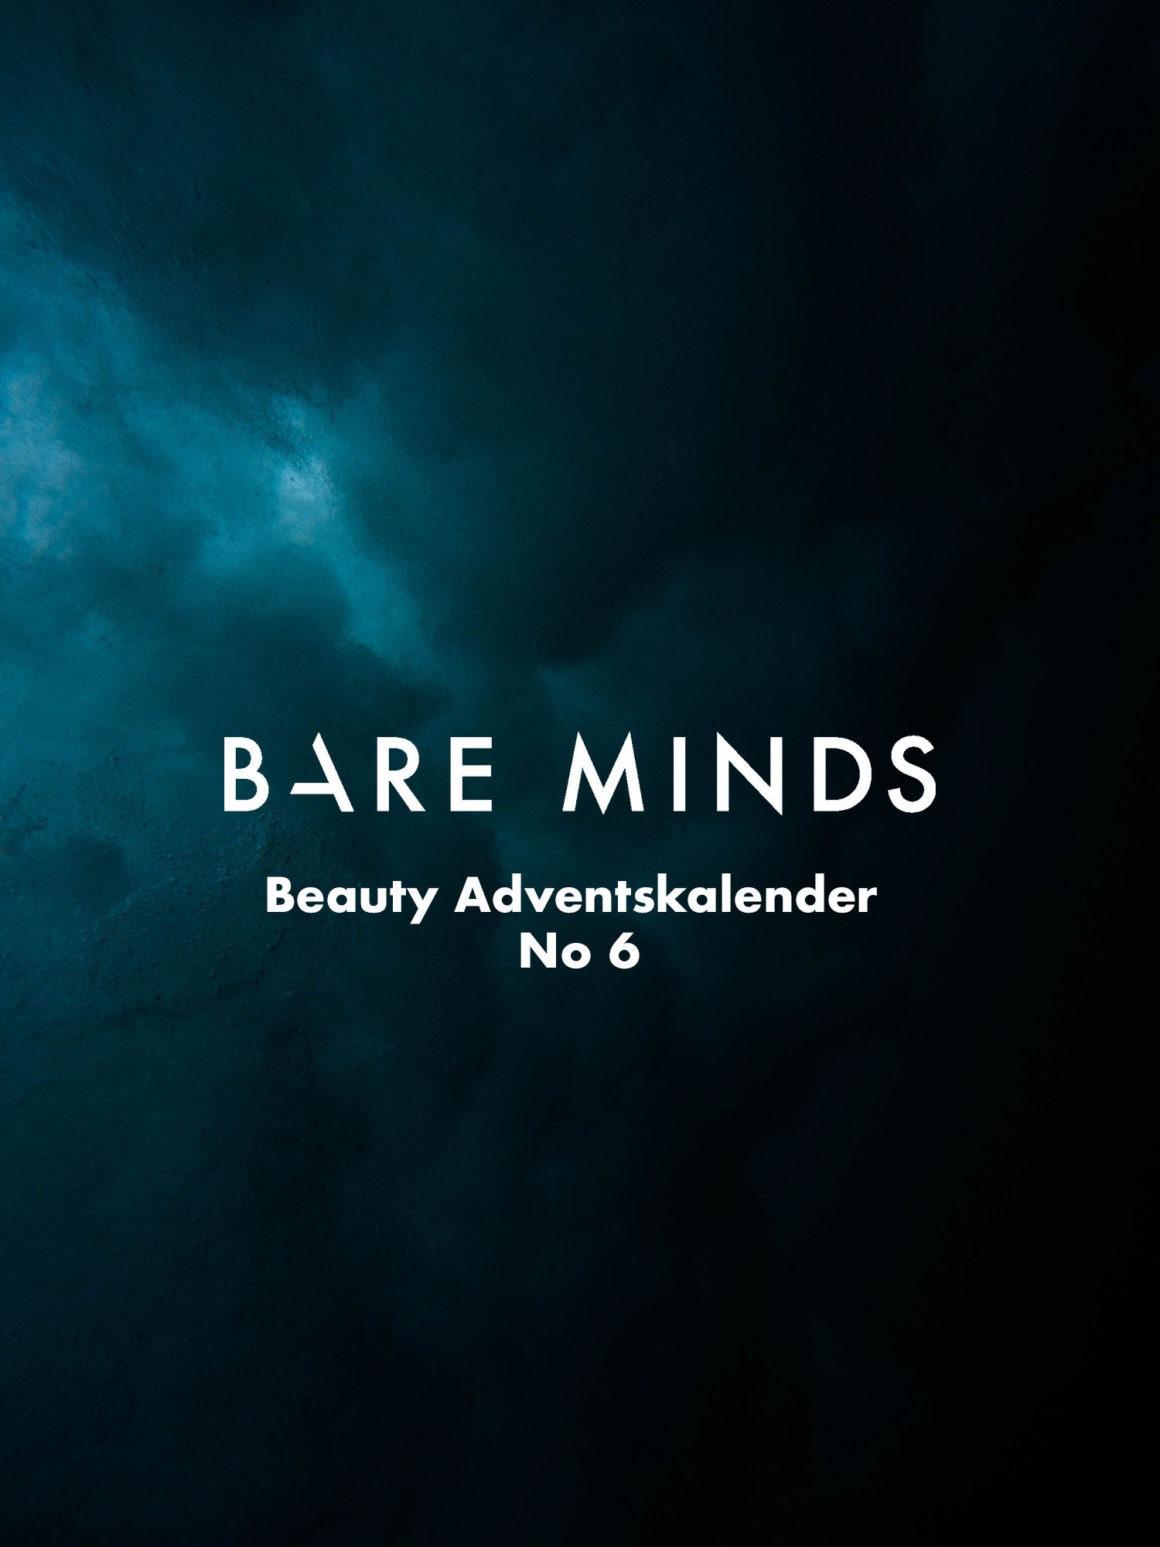 Bare Minds Beauty Adventskalender 2019 06_